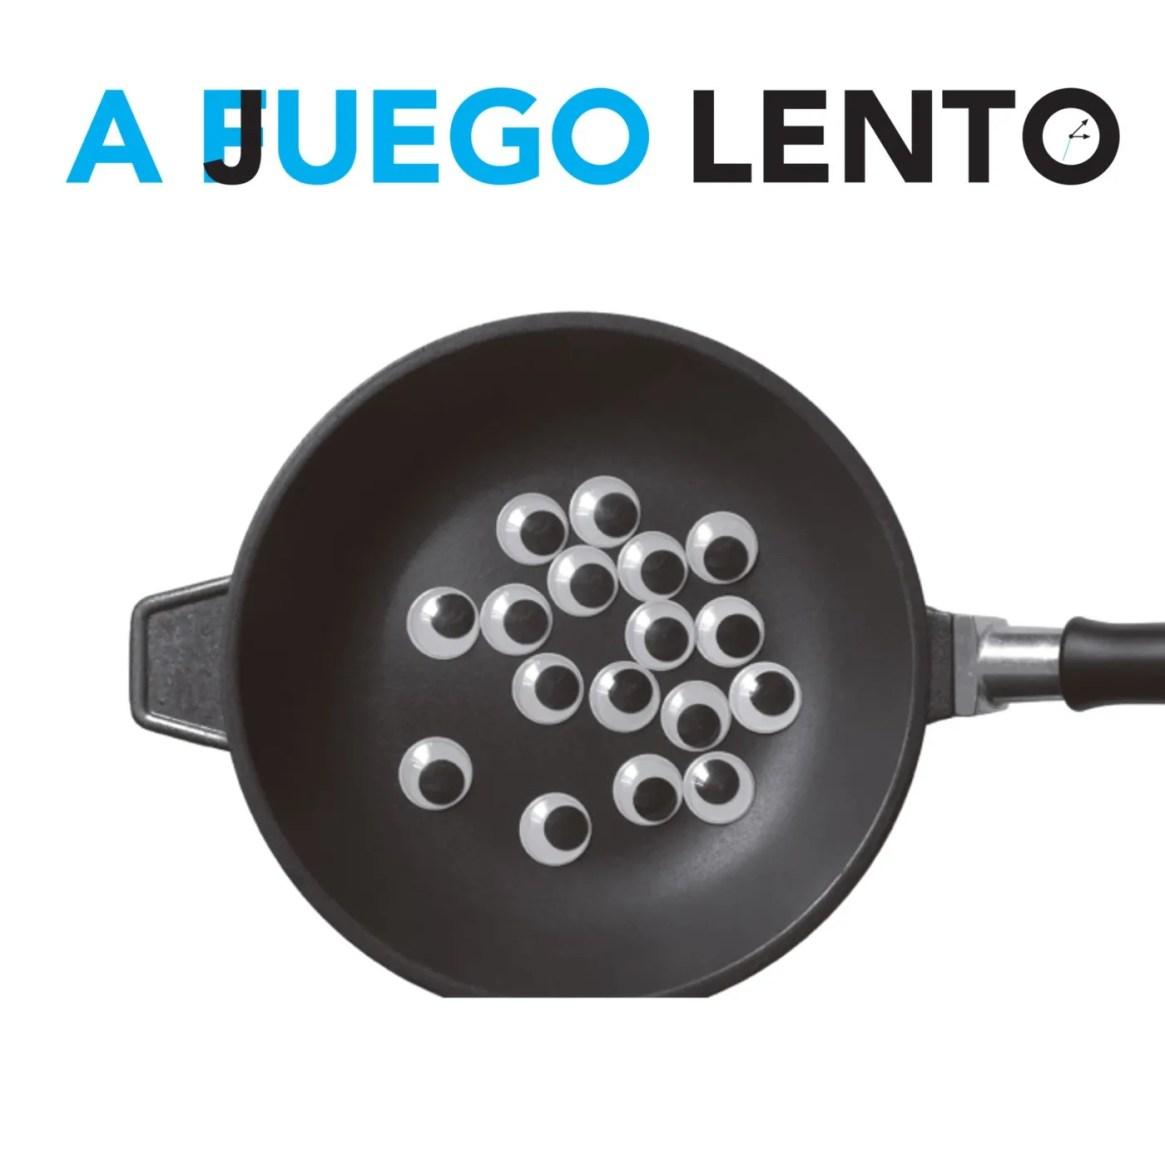 A JUEGO LENTO